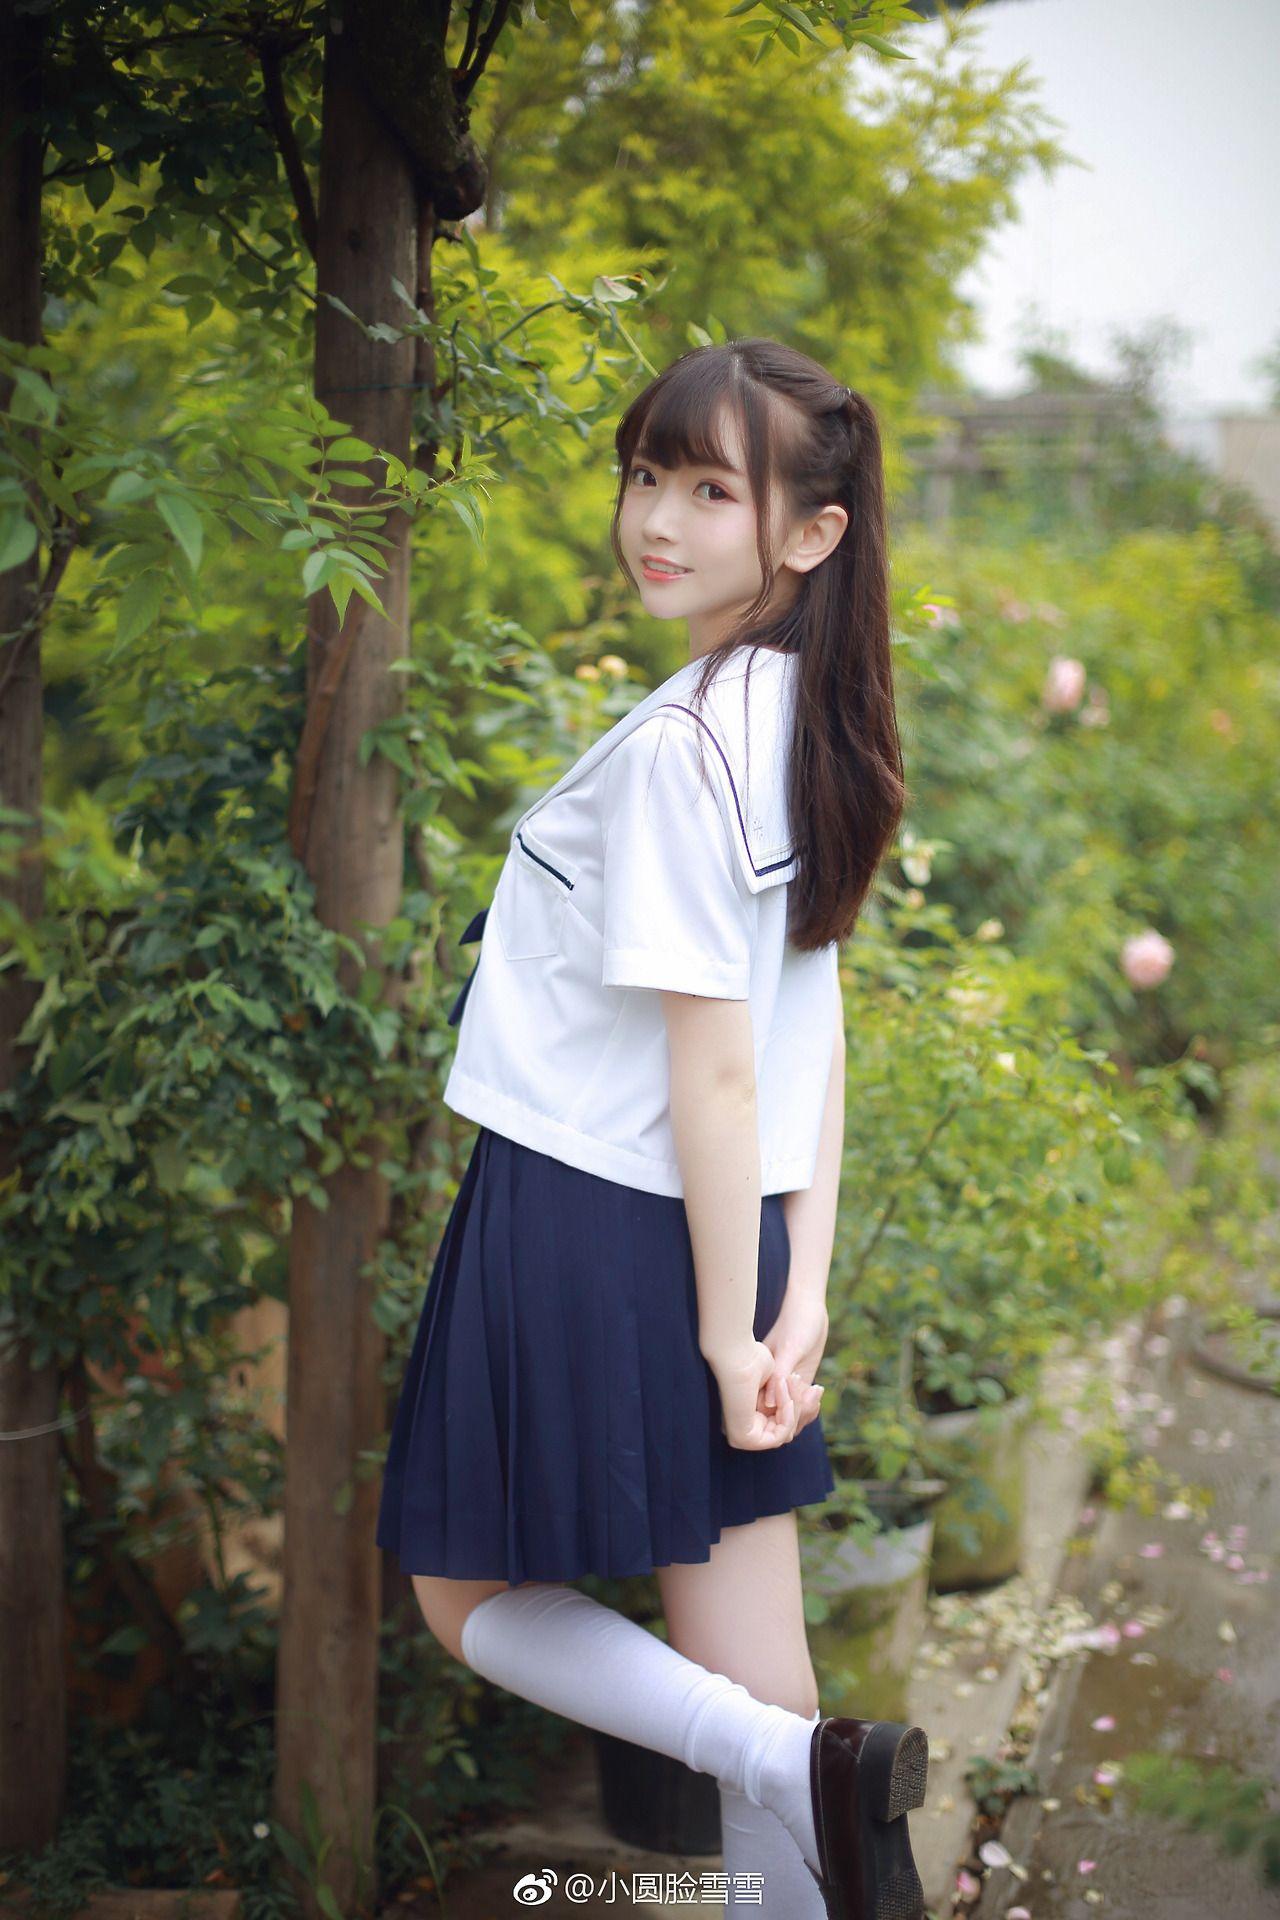 制服姿の10代女子校生が自分でスカート捲ってるキケンなアルバイトの画像